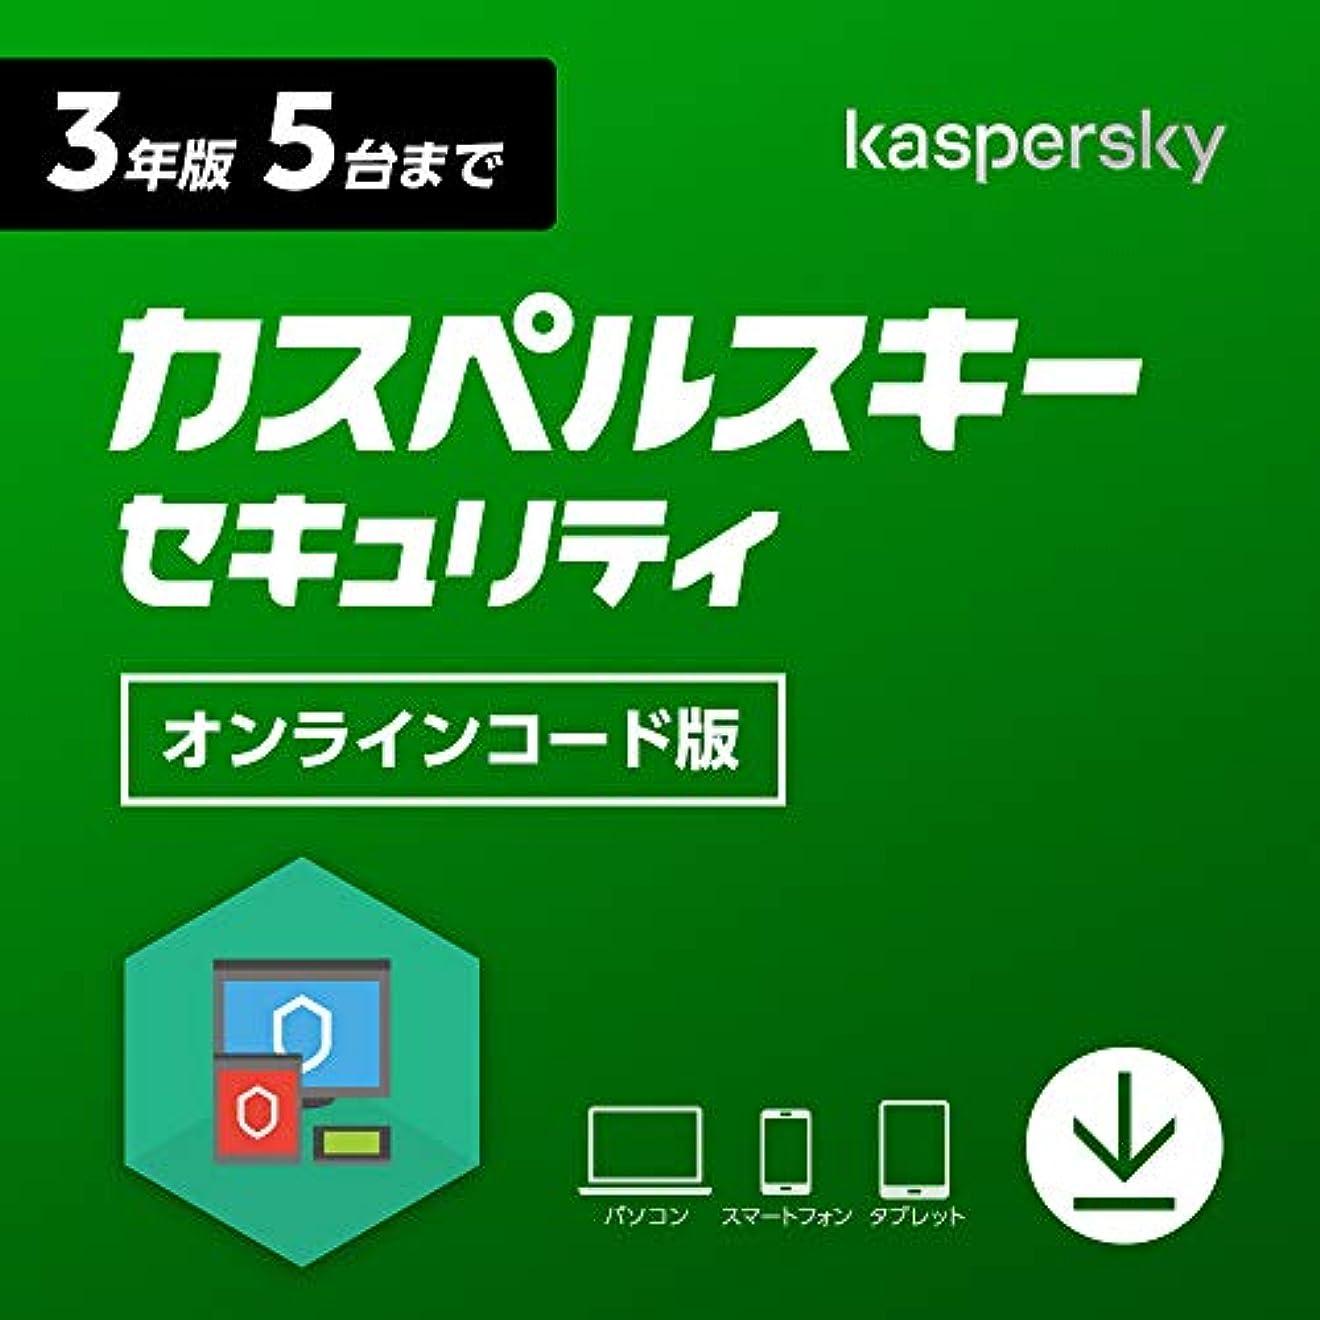 そのような仕様メロディーカスペルスキー セキュリティ (最新版)   3年 5台版   オンラインコード版   Windows/Mac/Android対応